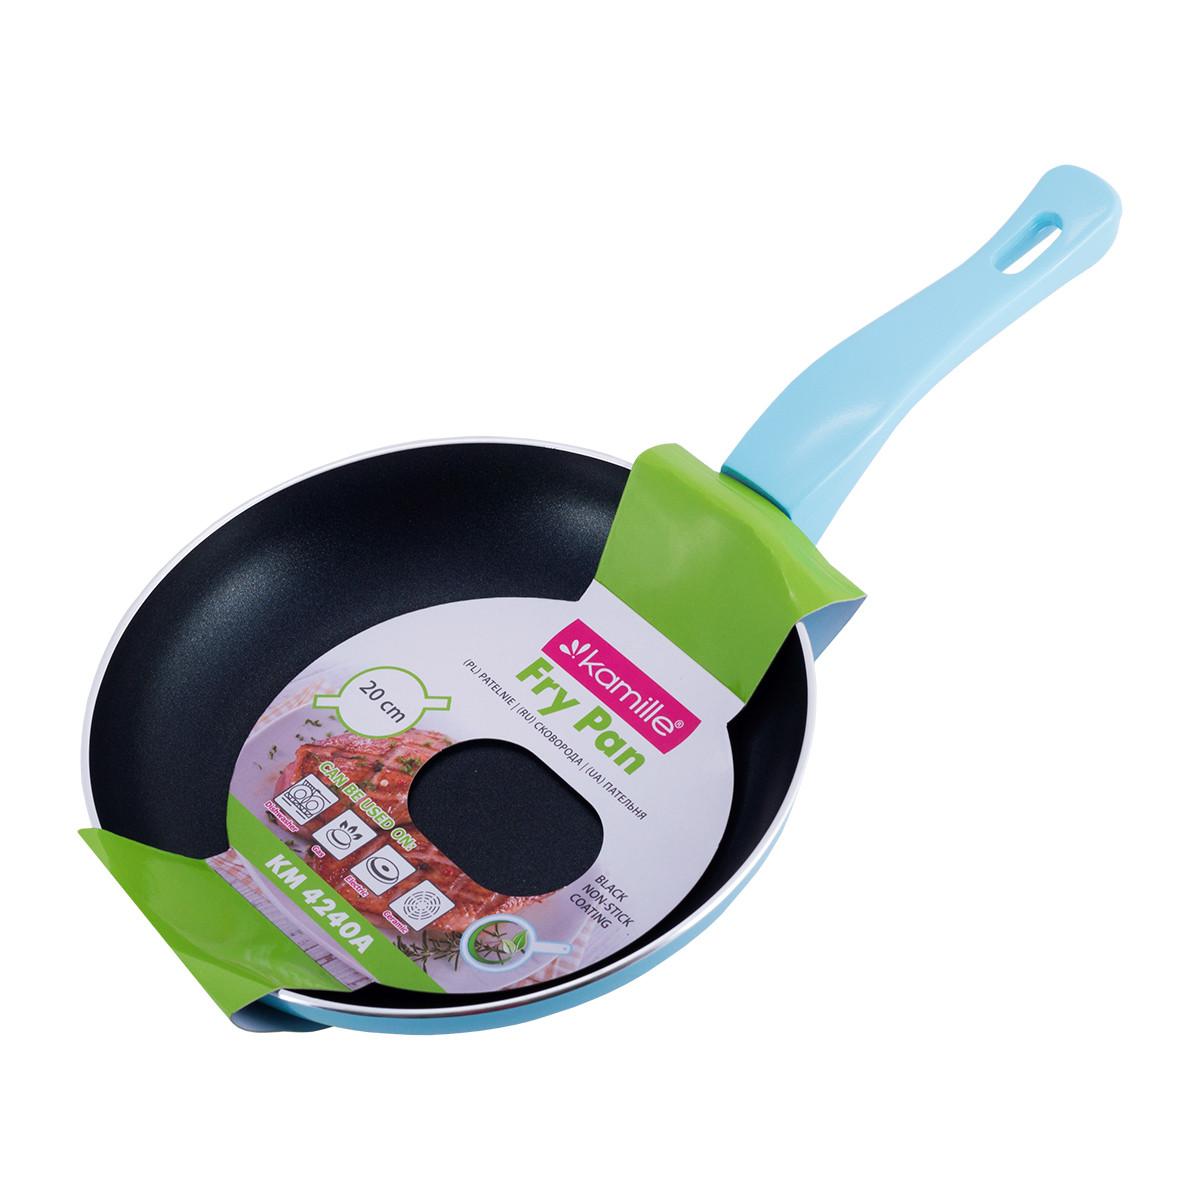 Сковорода Kamille Голубой 20см с антипригарным покрытием без крышки для индукции и газа KM-4240AG